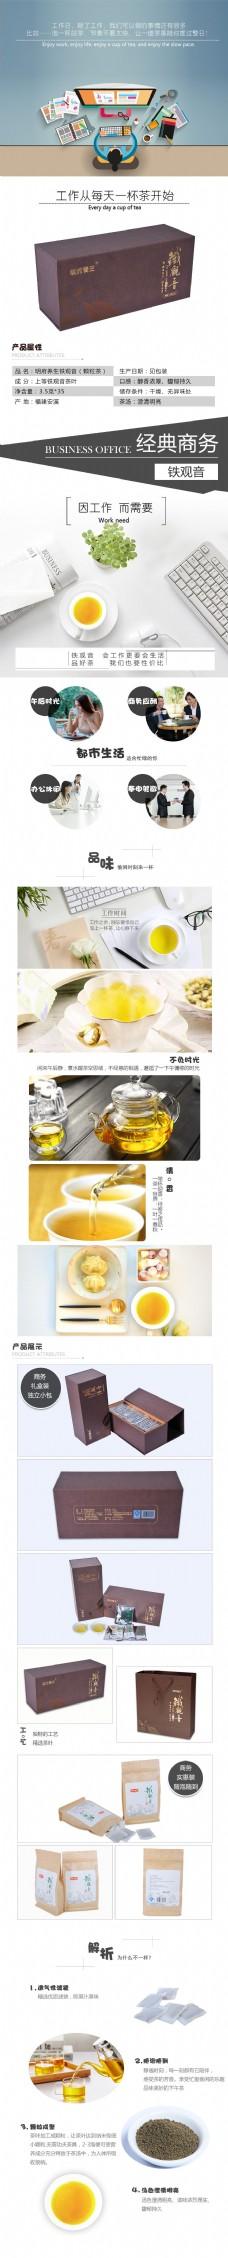 商务办公茶休闲茶绿茶铁观音详情页